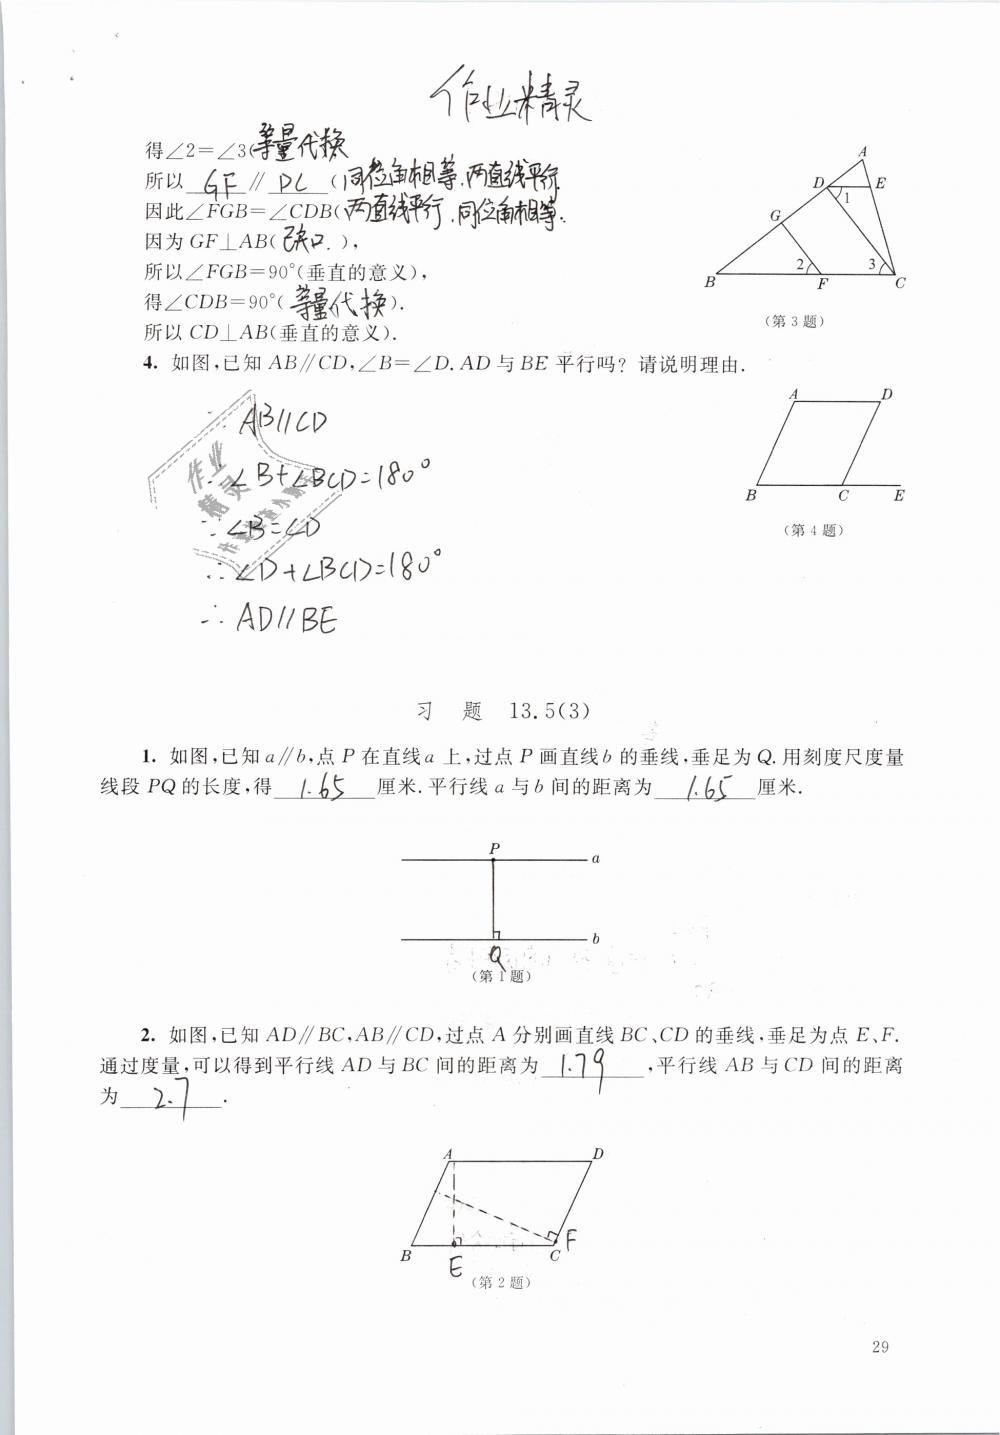 2019年数学练习部分七年级第二学期第29页